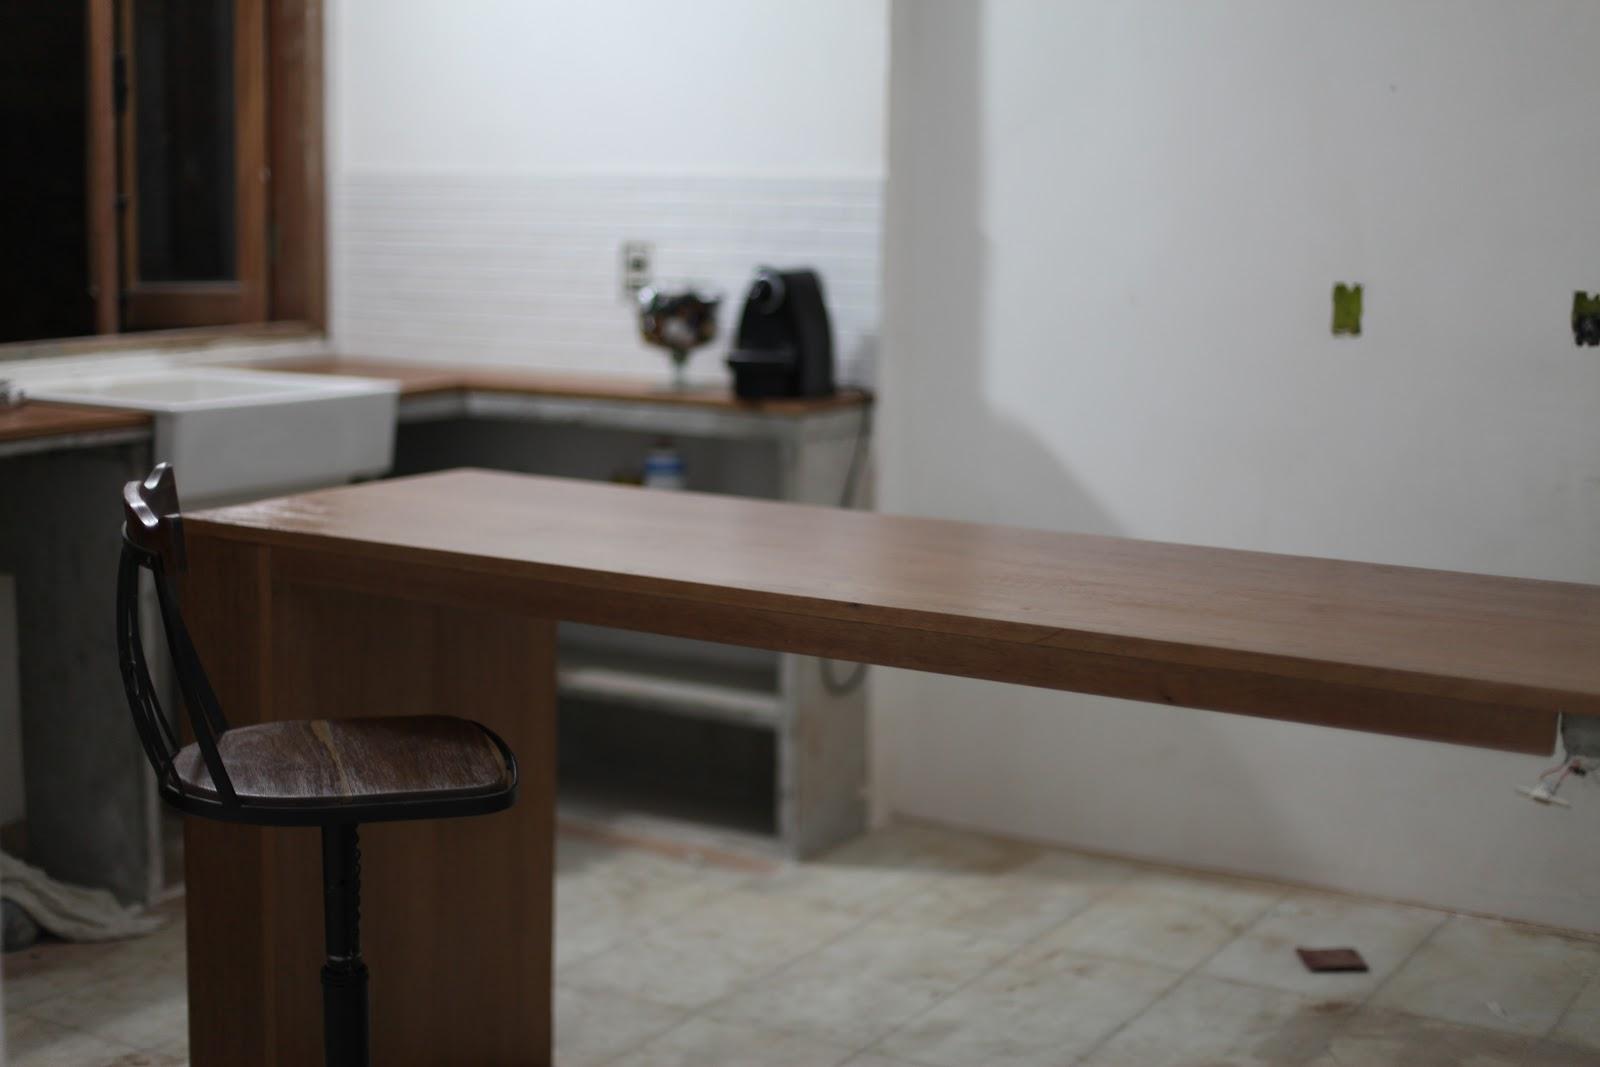 Uma Casa : Cozinha: Bancada de Concreto e Madeira #2B221B 1600 1067